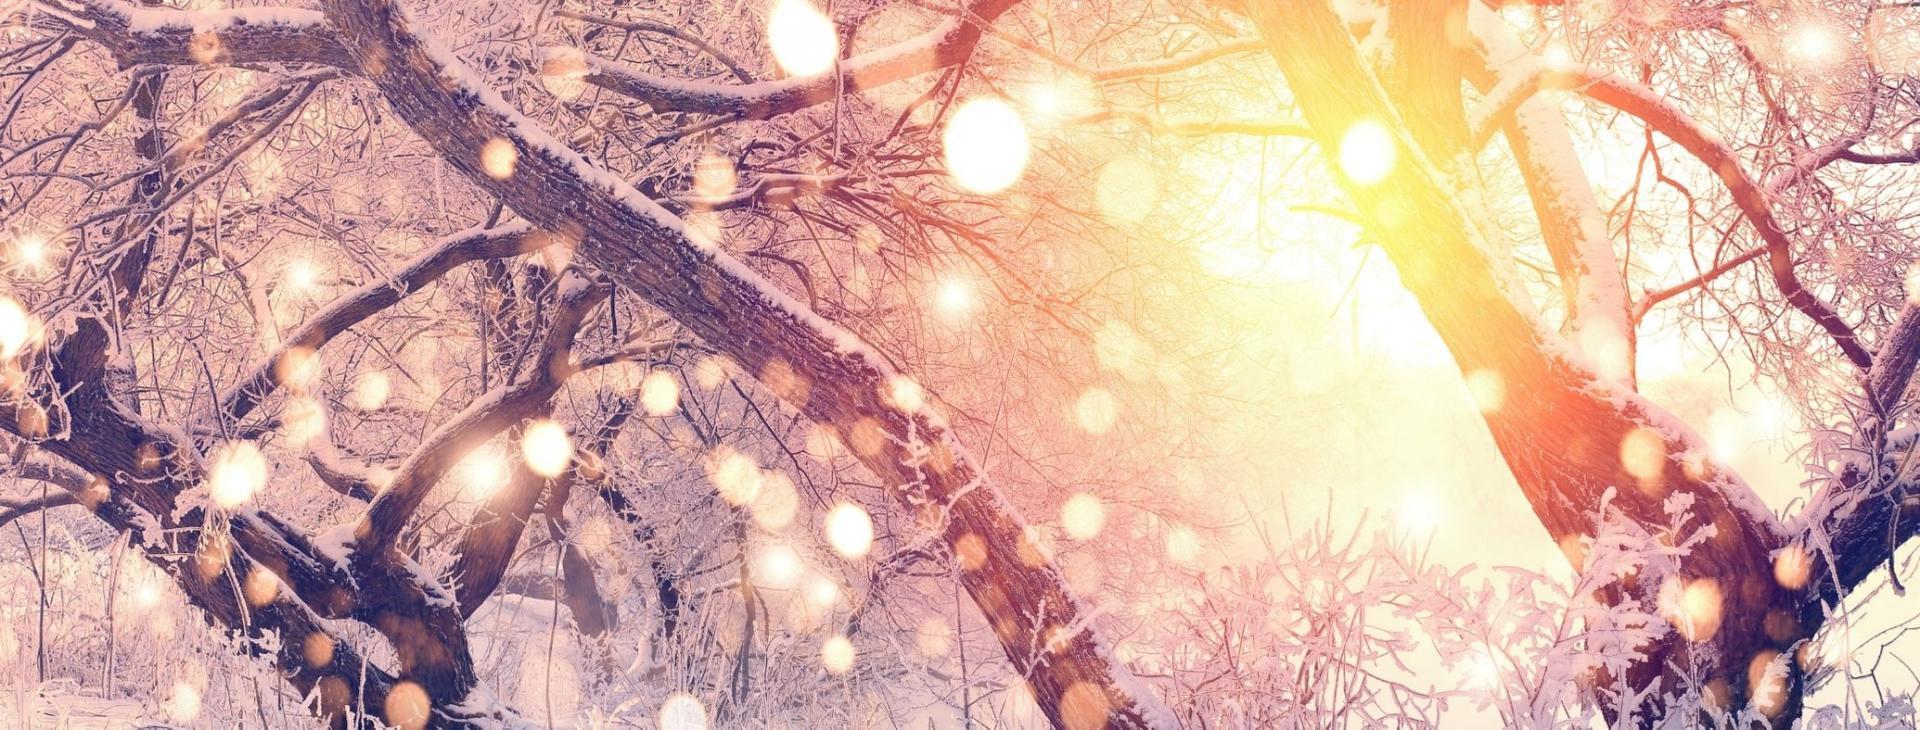 Bandeau hello winter 03